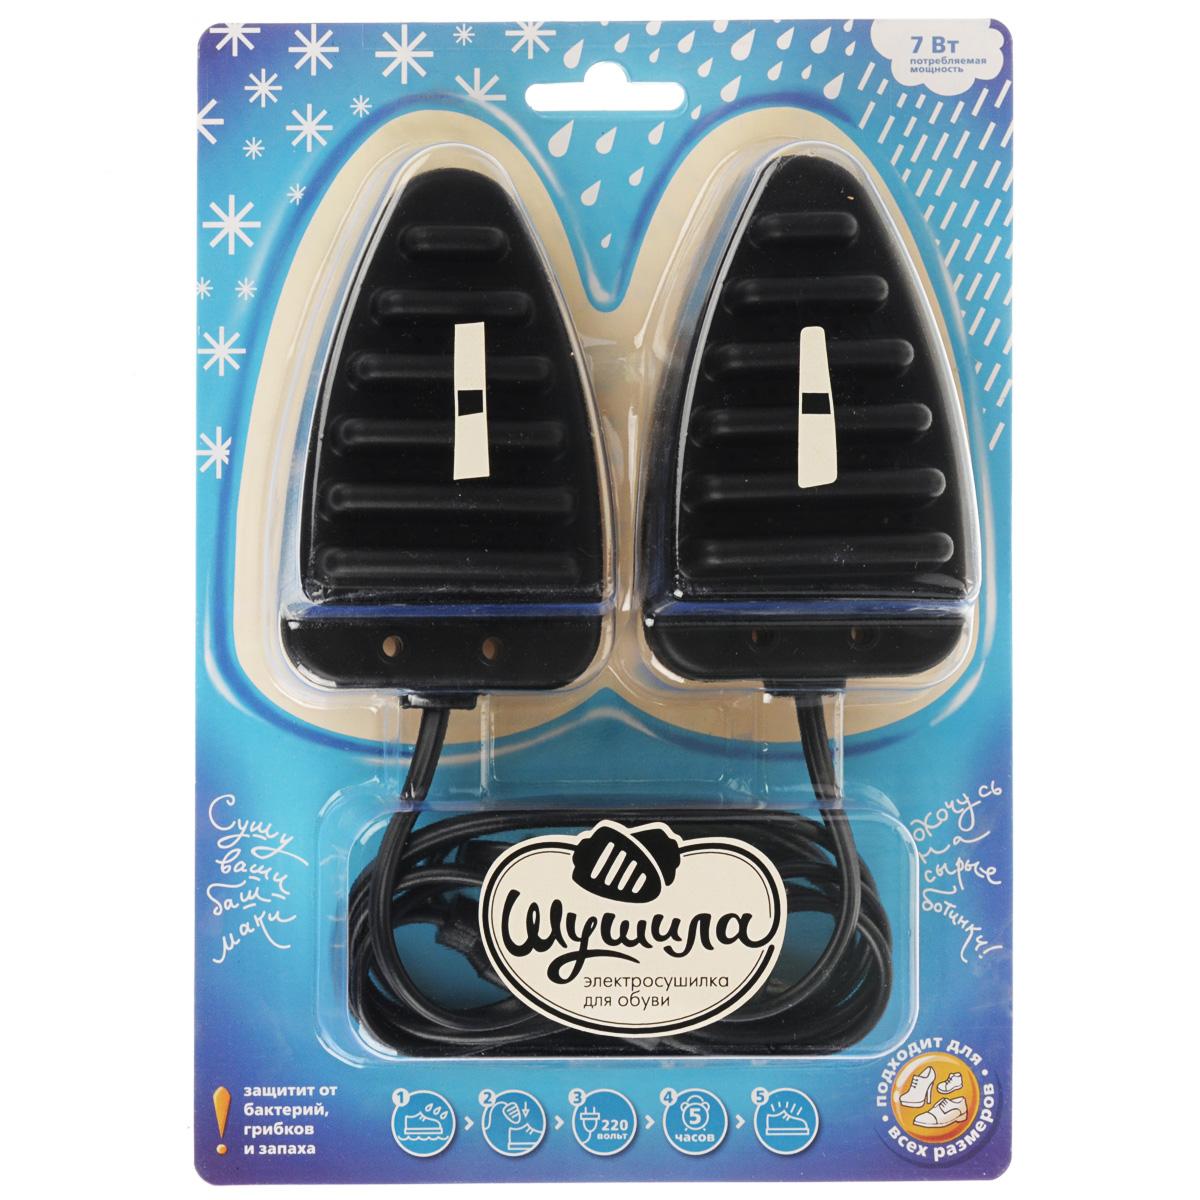 Сушилка для обуви Шушила, электрическая, цвет: черный00000002198Электросушилка для обуви Шушила, изготовленная из высококачественного пластика, предназначена для просушивания обуви в бытовых условиях. Благодаря данной сушилке срок ношения обуви значительно увеличится. Конструкция электросушилки обеспечивает свободную циркуляцию теплого воздуха внутри обуви. Регулярное использование данного прибора позволит не только уничтожить грибки, бактерии и запах, но и предотвратить их появление в обуви.